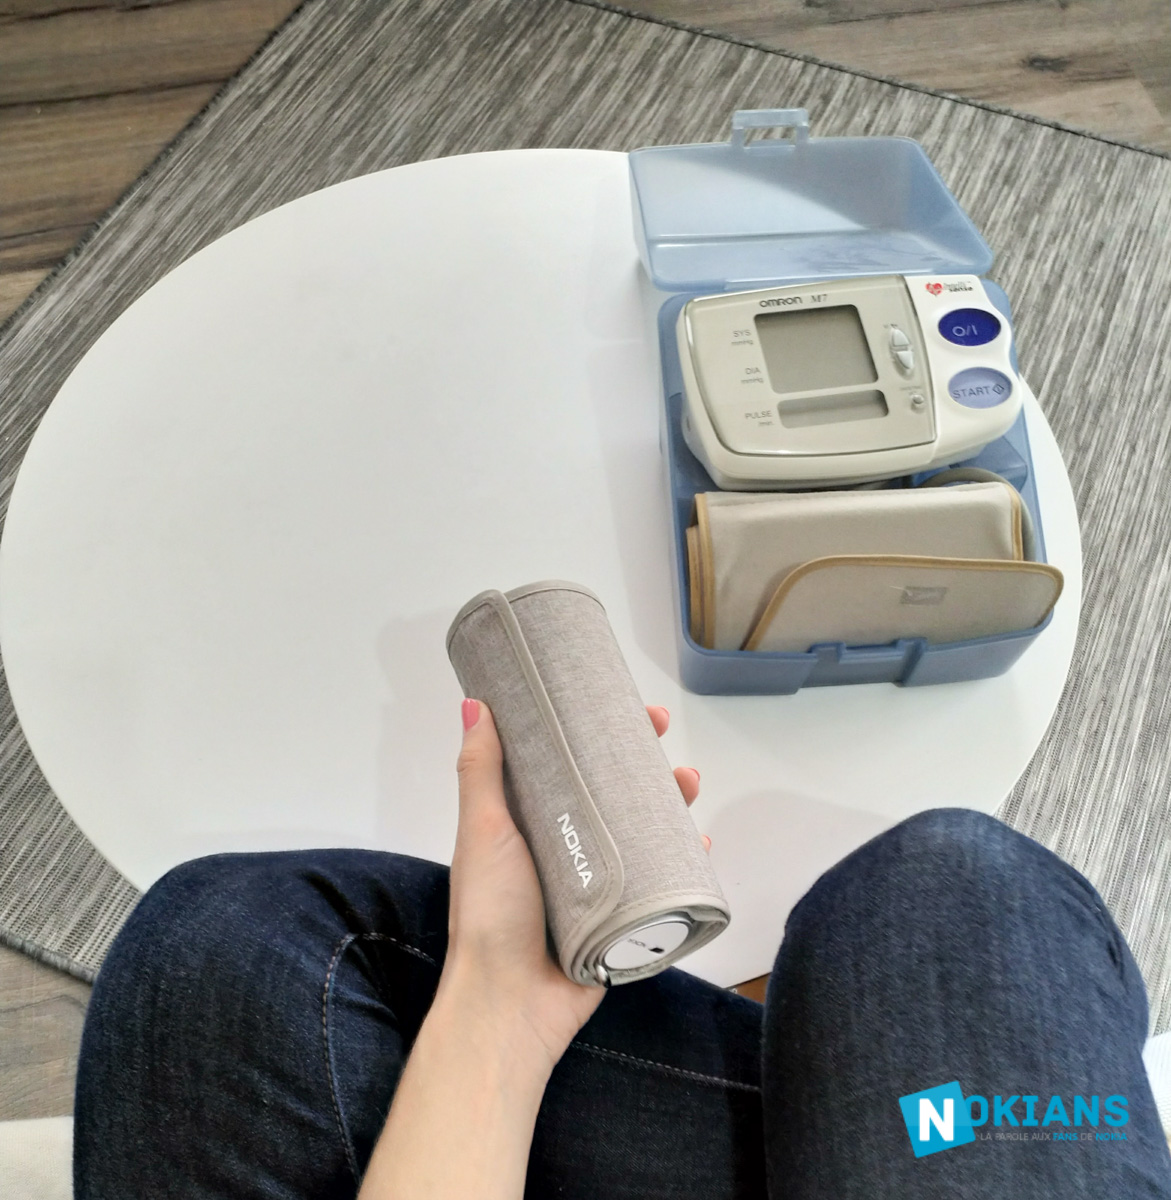 Nokia-BPM-tensiometre-9